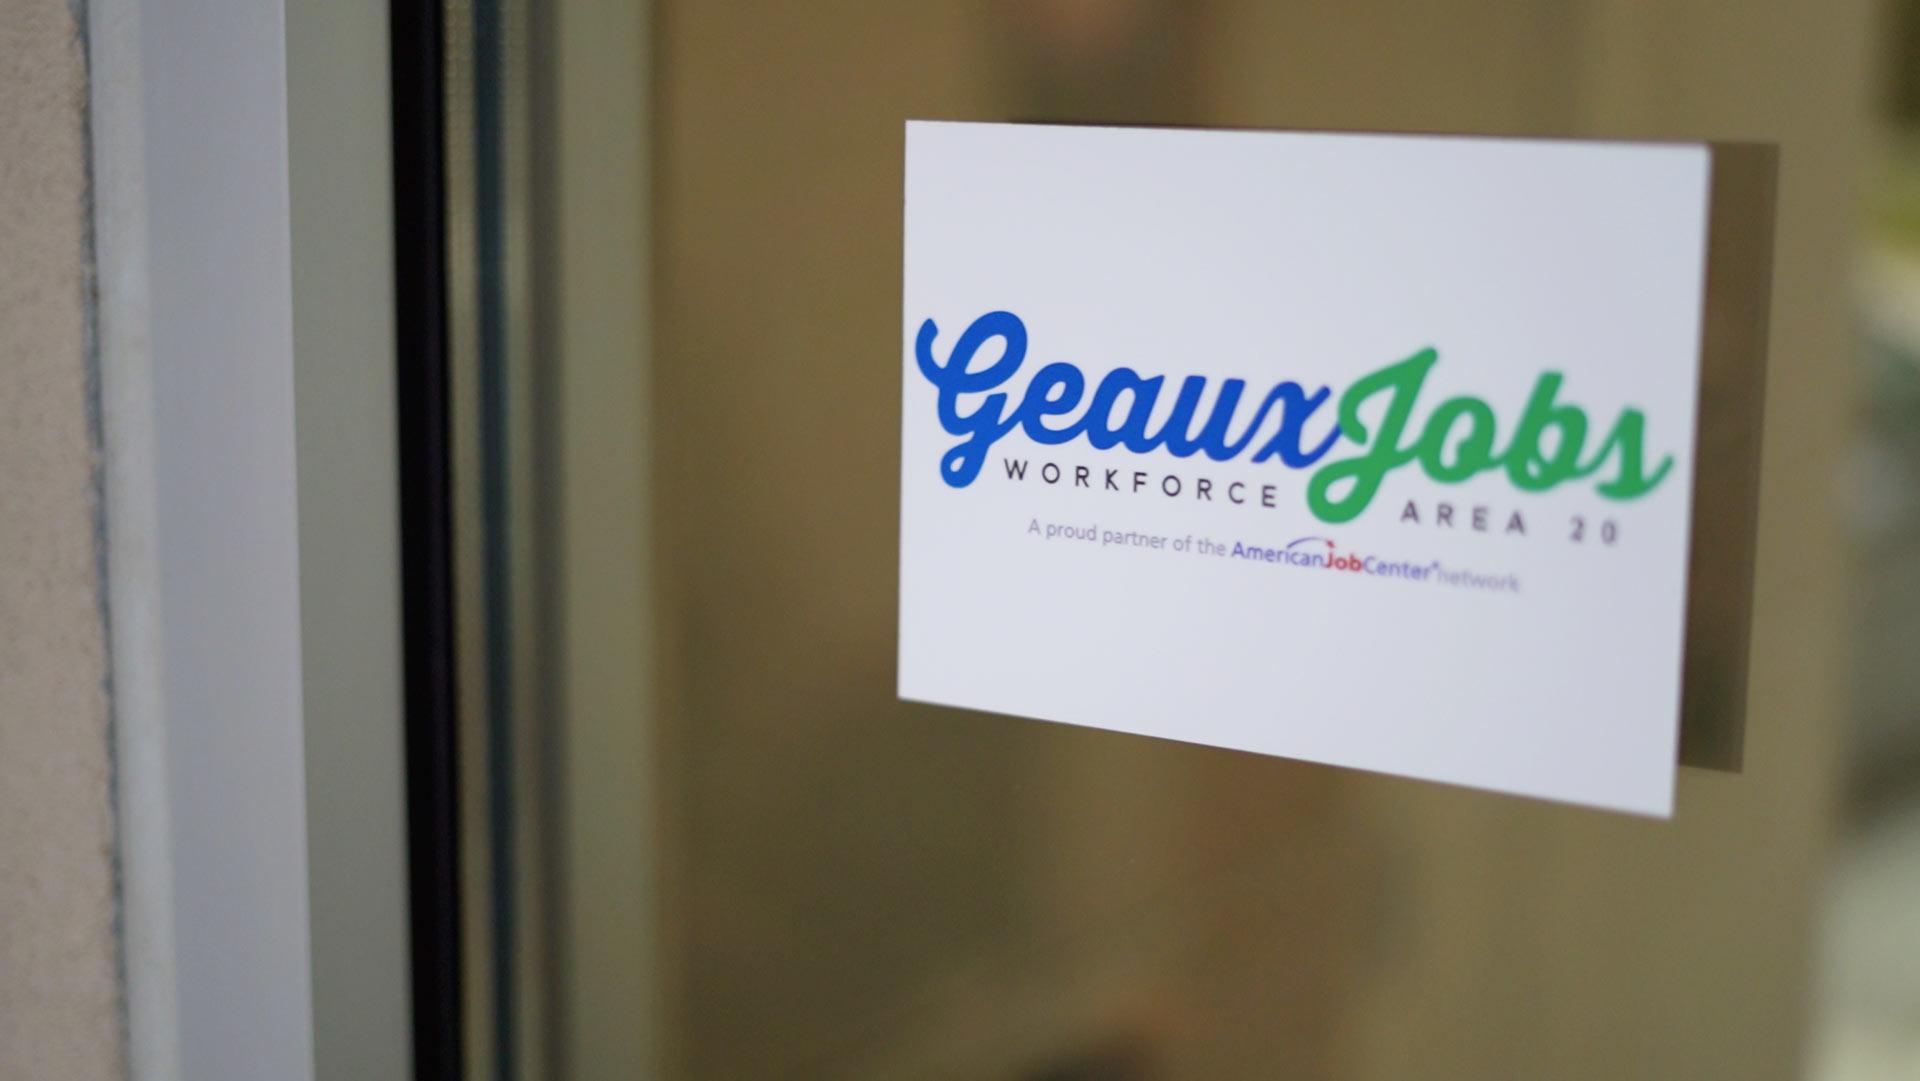 Geaux Jobs door entrance